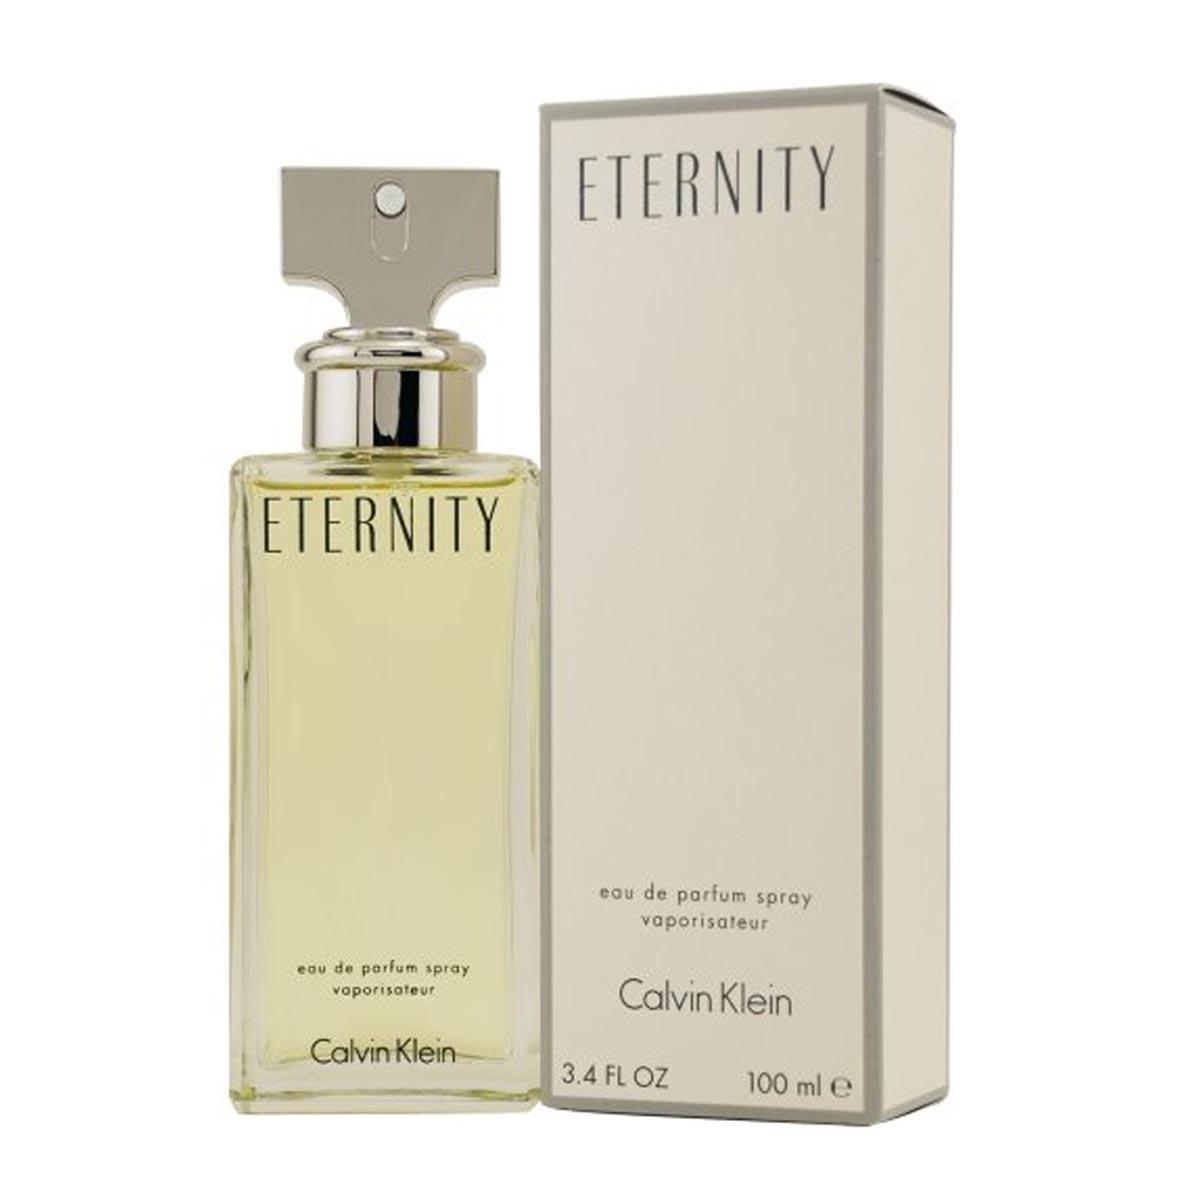 Calvin klein eternity eau de parfum 100ml vaporizador